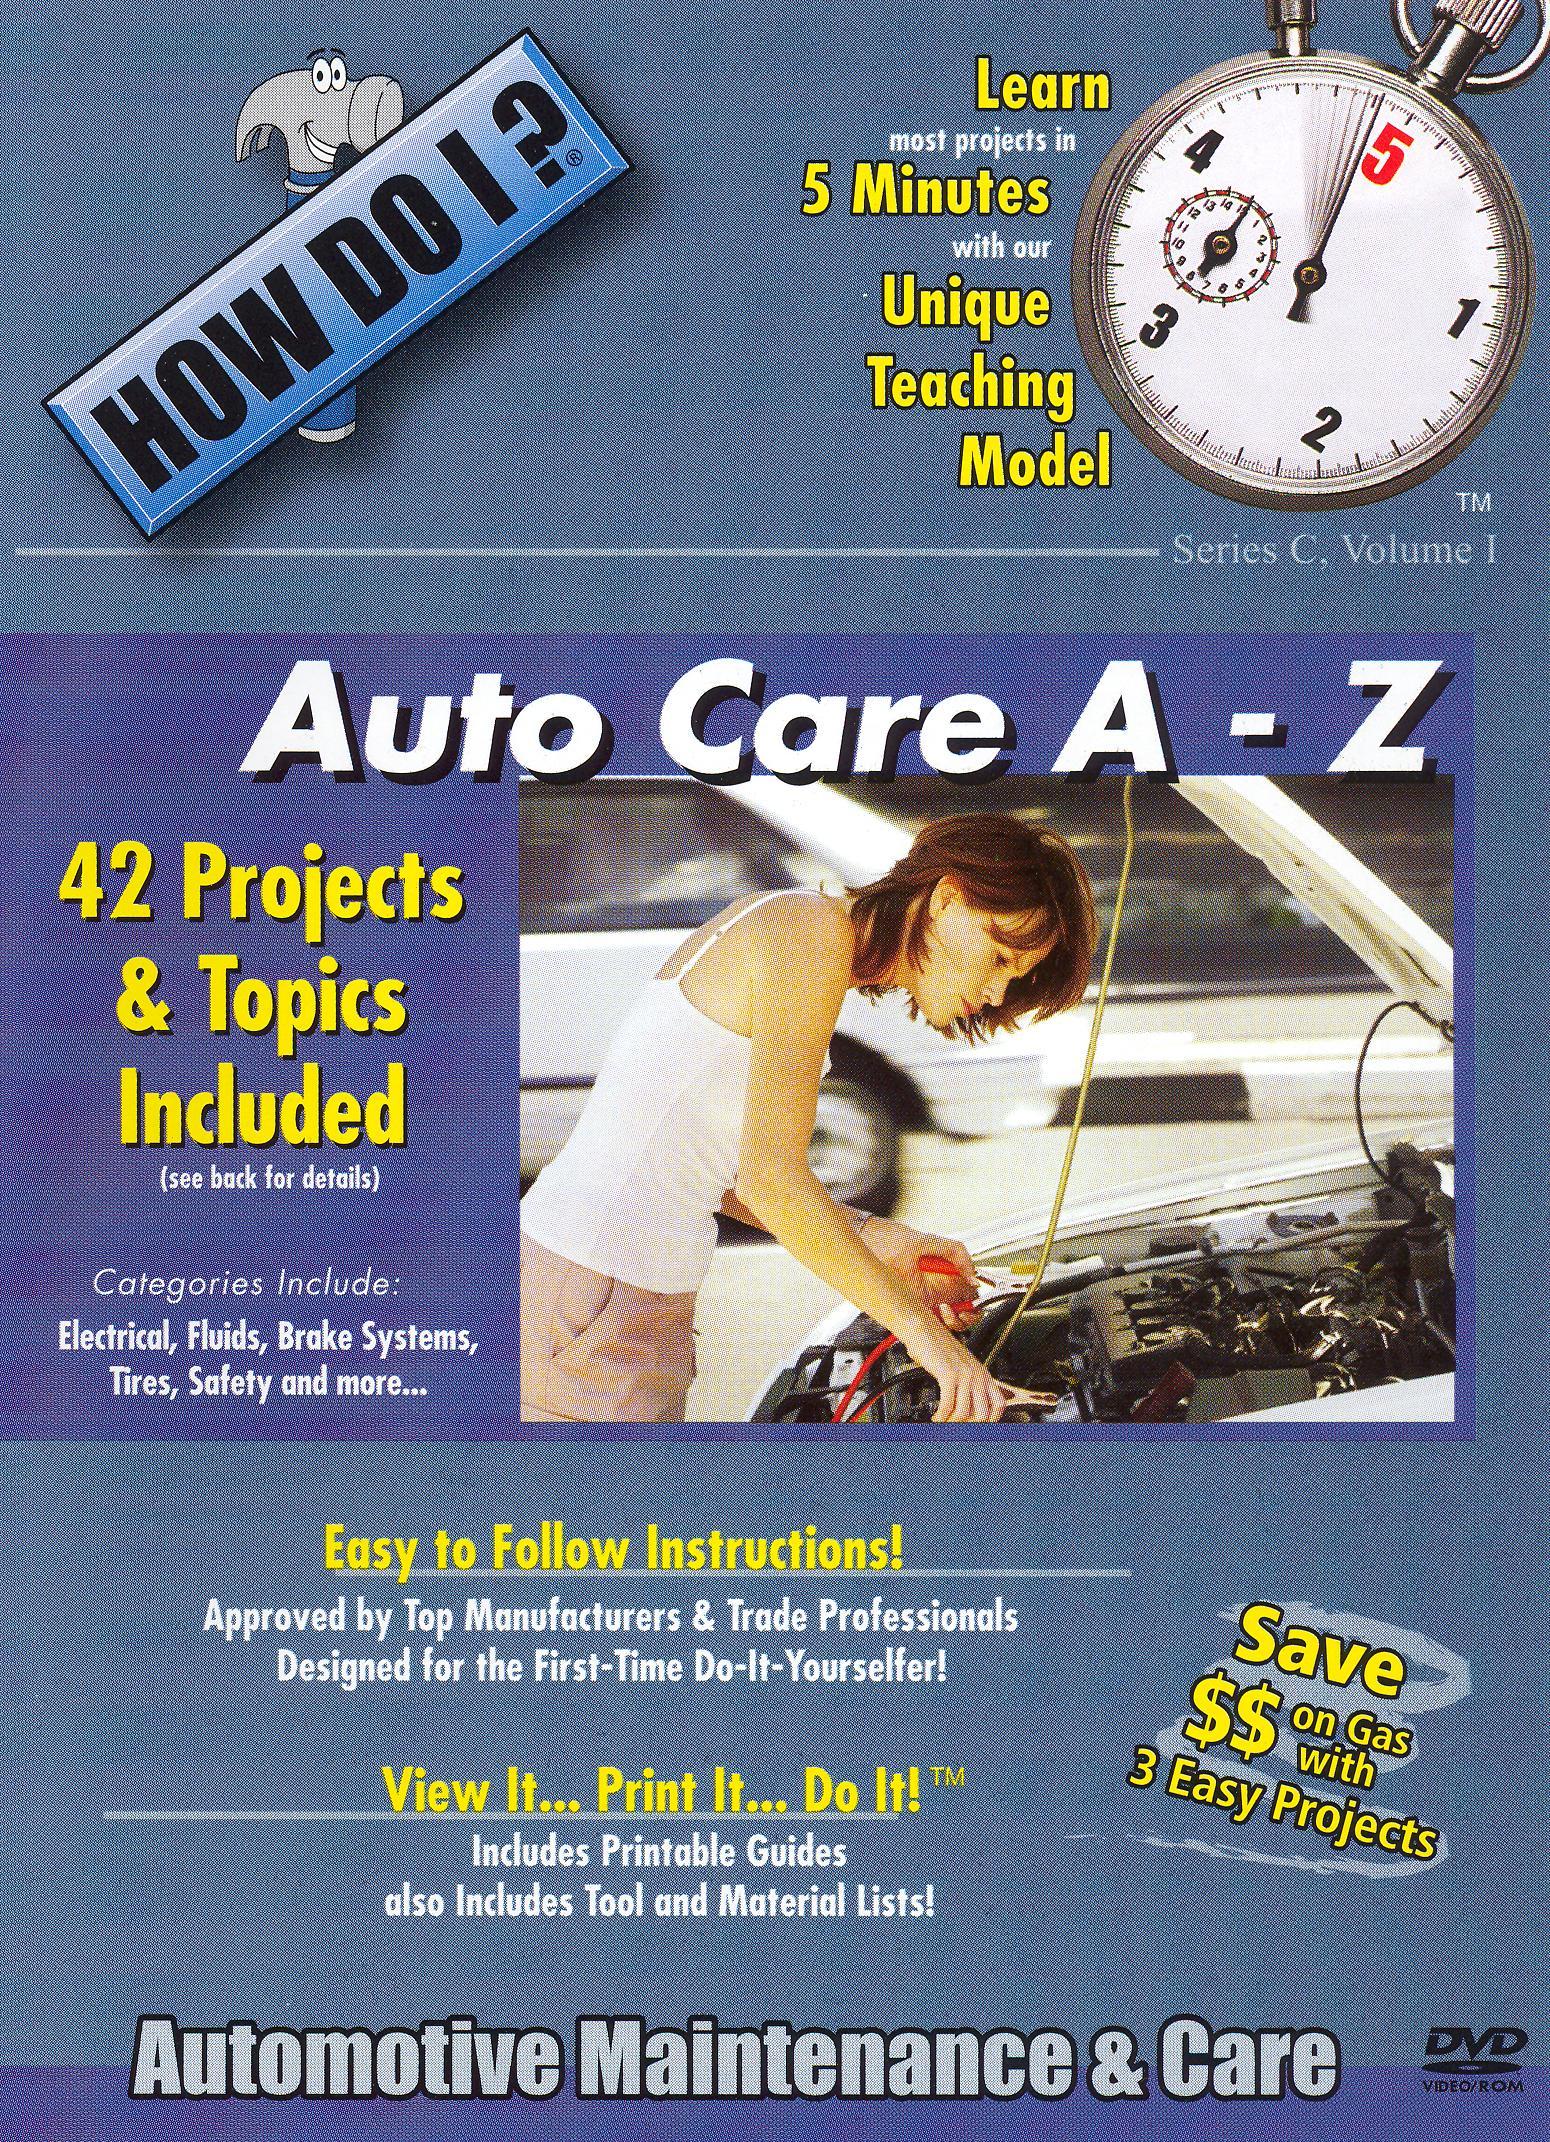 How Do I: Auto Care A - Z